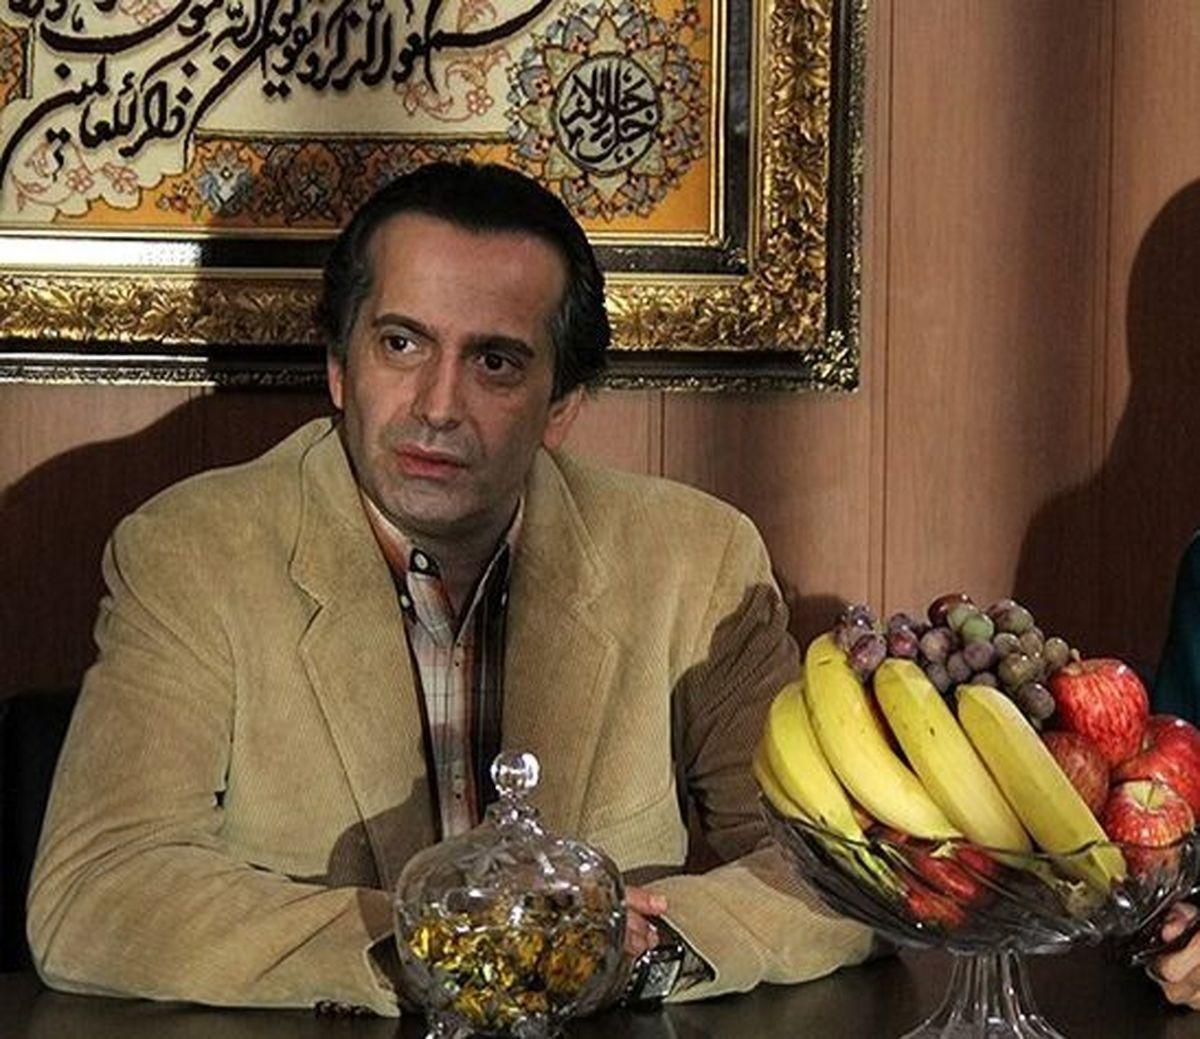 سوژه شدن رنگ موهای رامسین کبریتی؛ او چرا از ایران رفت؟